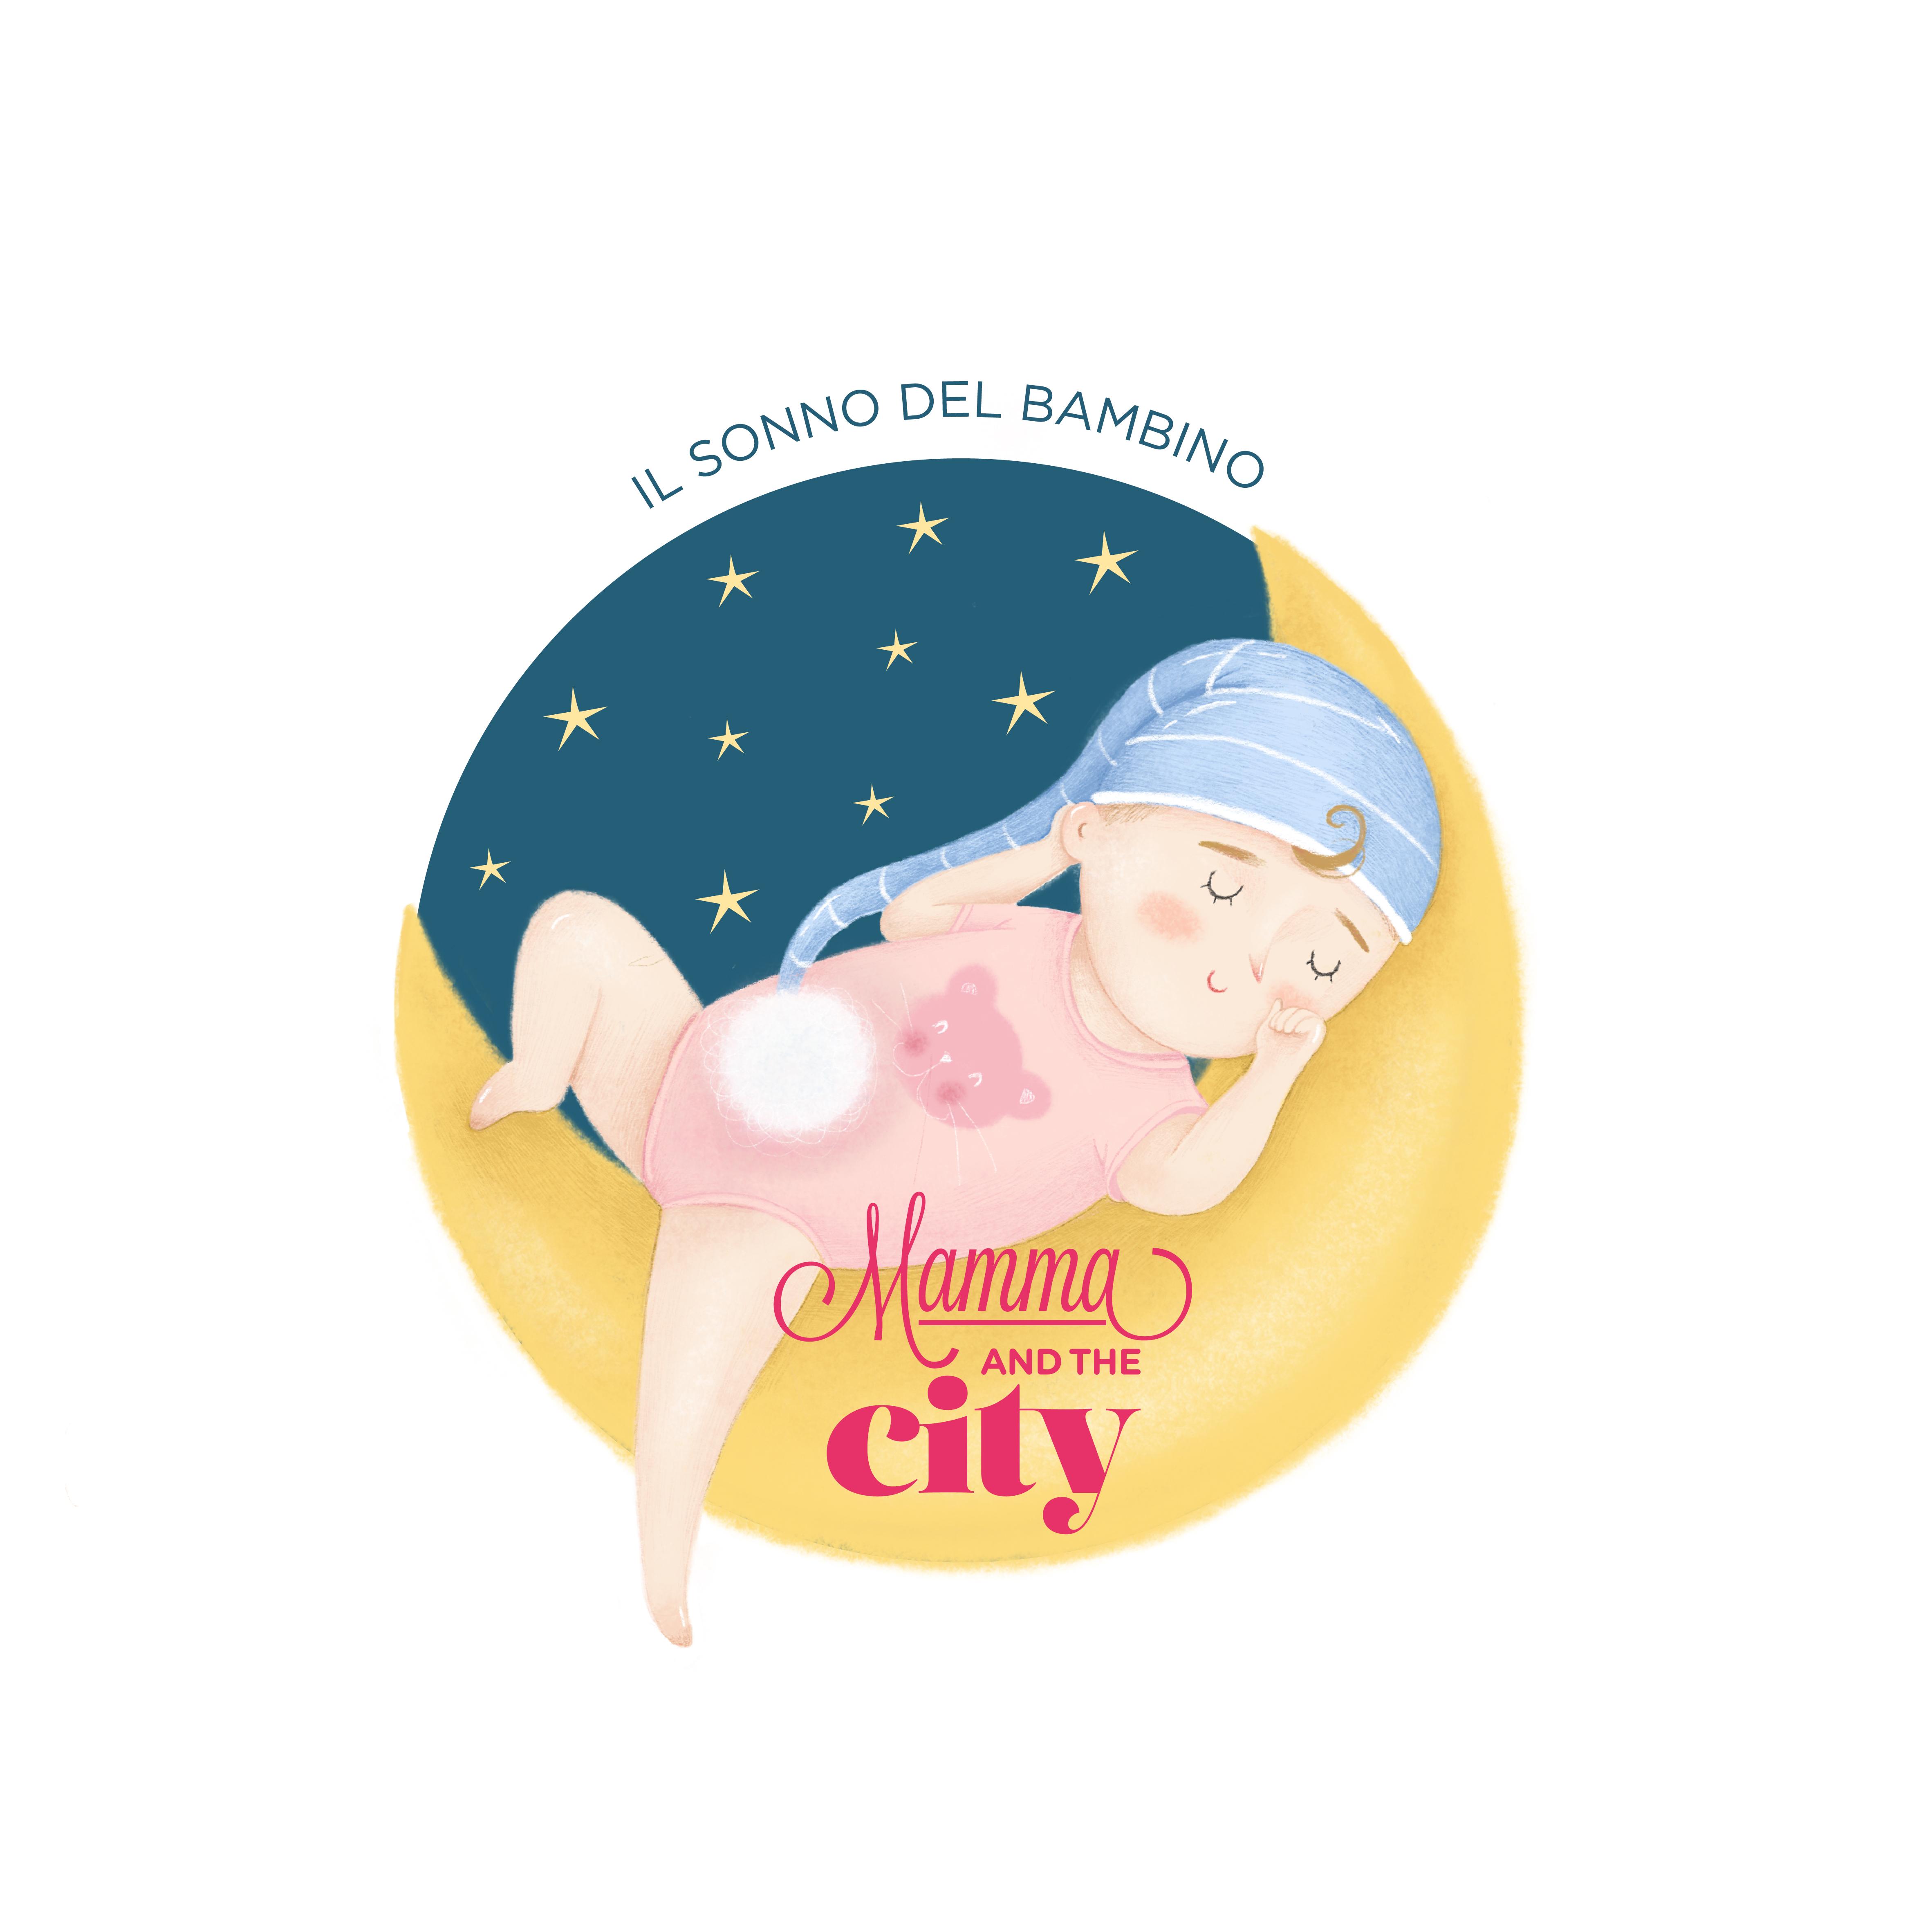 mamma and the city – il sonno del bambino